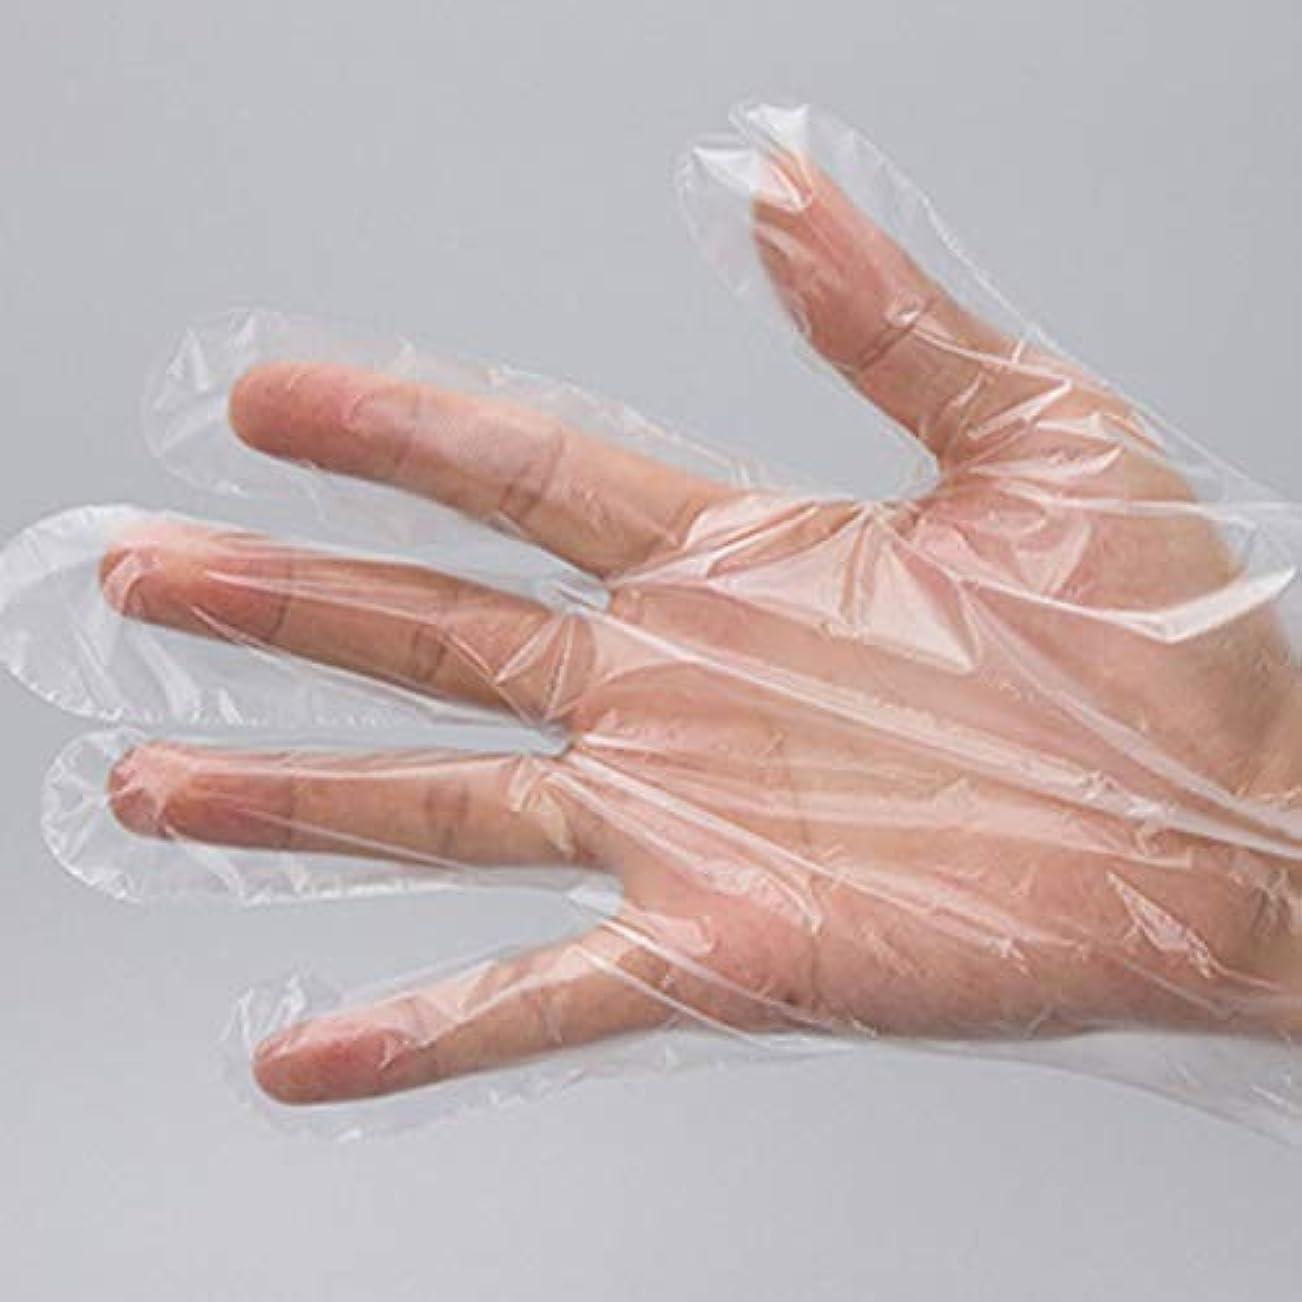 道路要塞マージン使い捨て手袋 極薄ビニール手袋 ポリエチレン 透明 実用 衛生 500枚セット